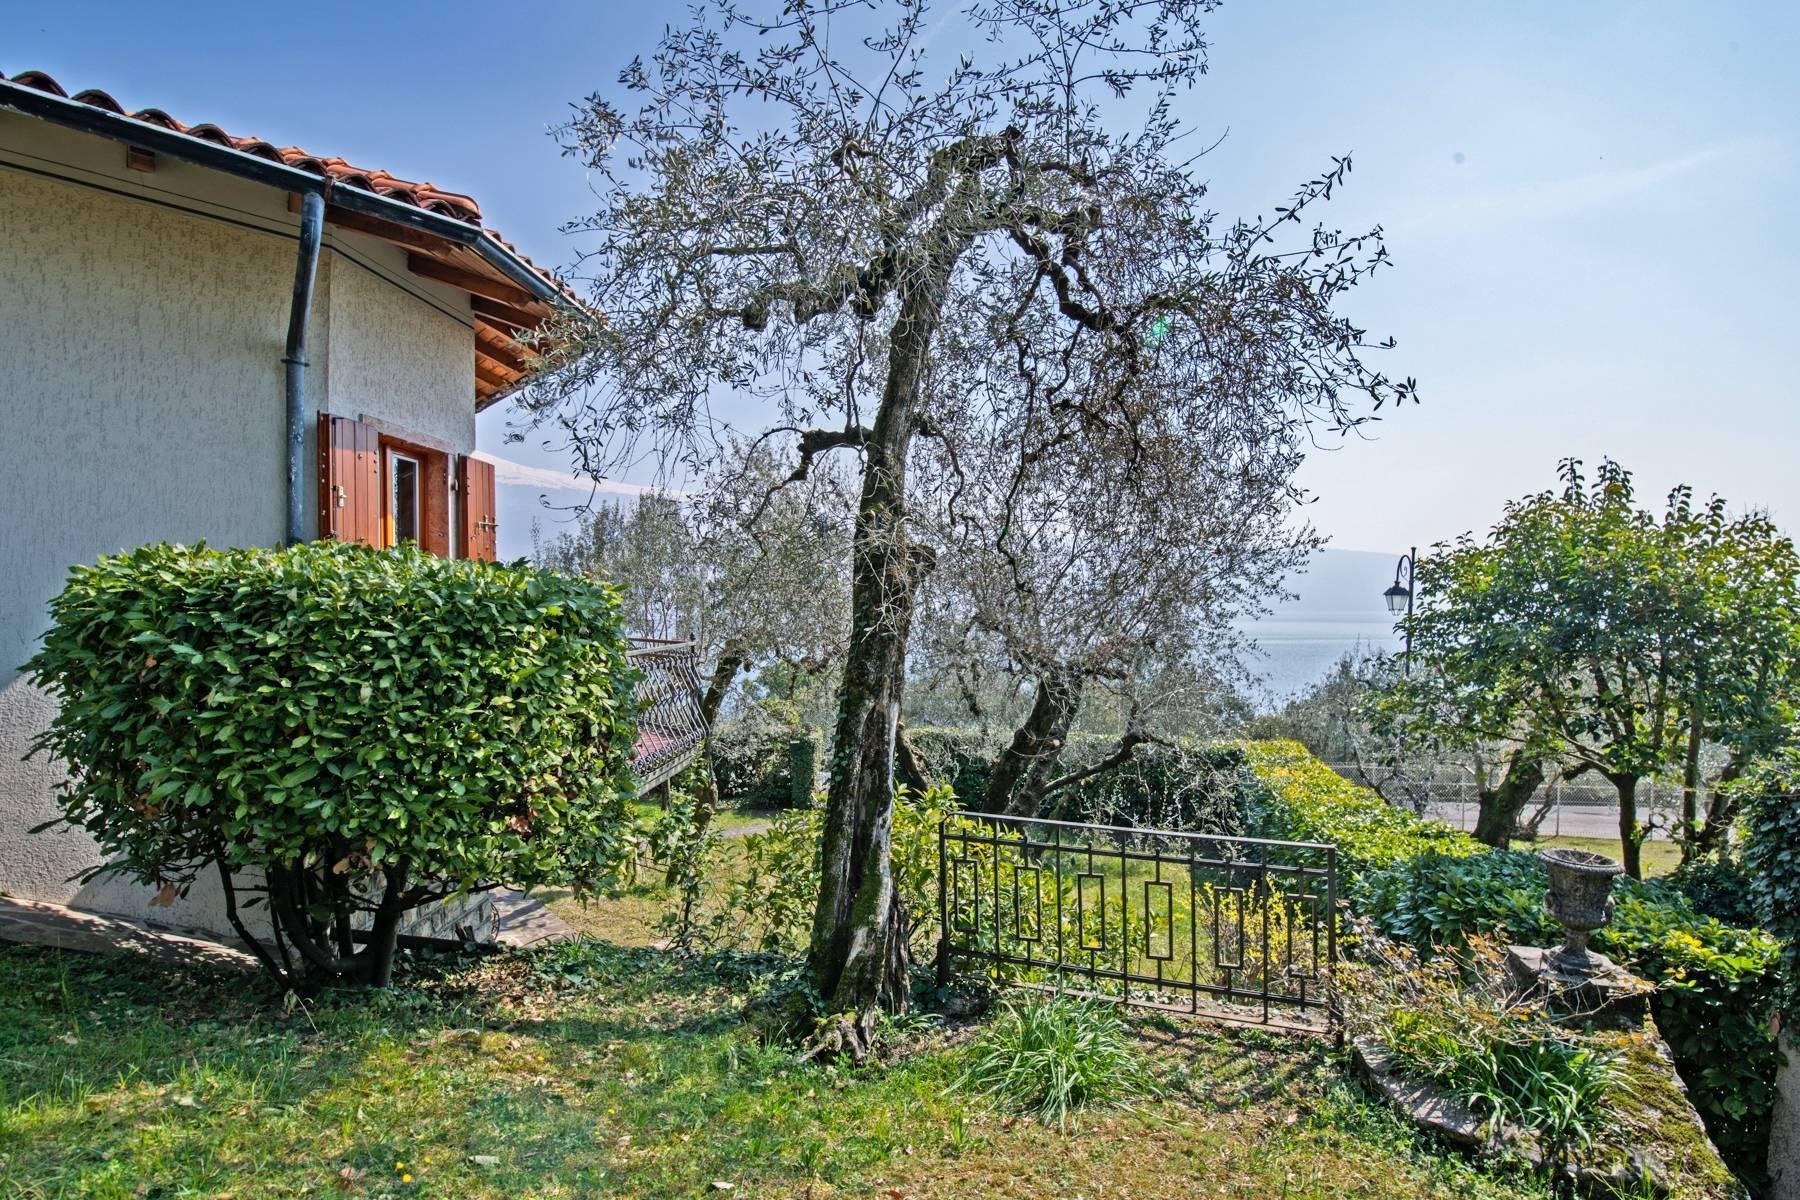 Villa in Gargnano inmitten der Olivenbäume vom Gardasee mit herrlichem Seeblick - 29